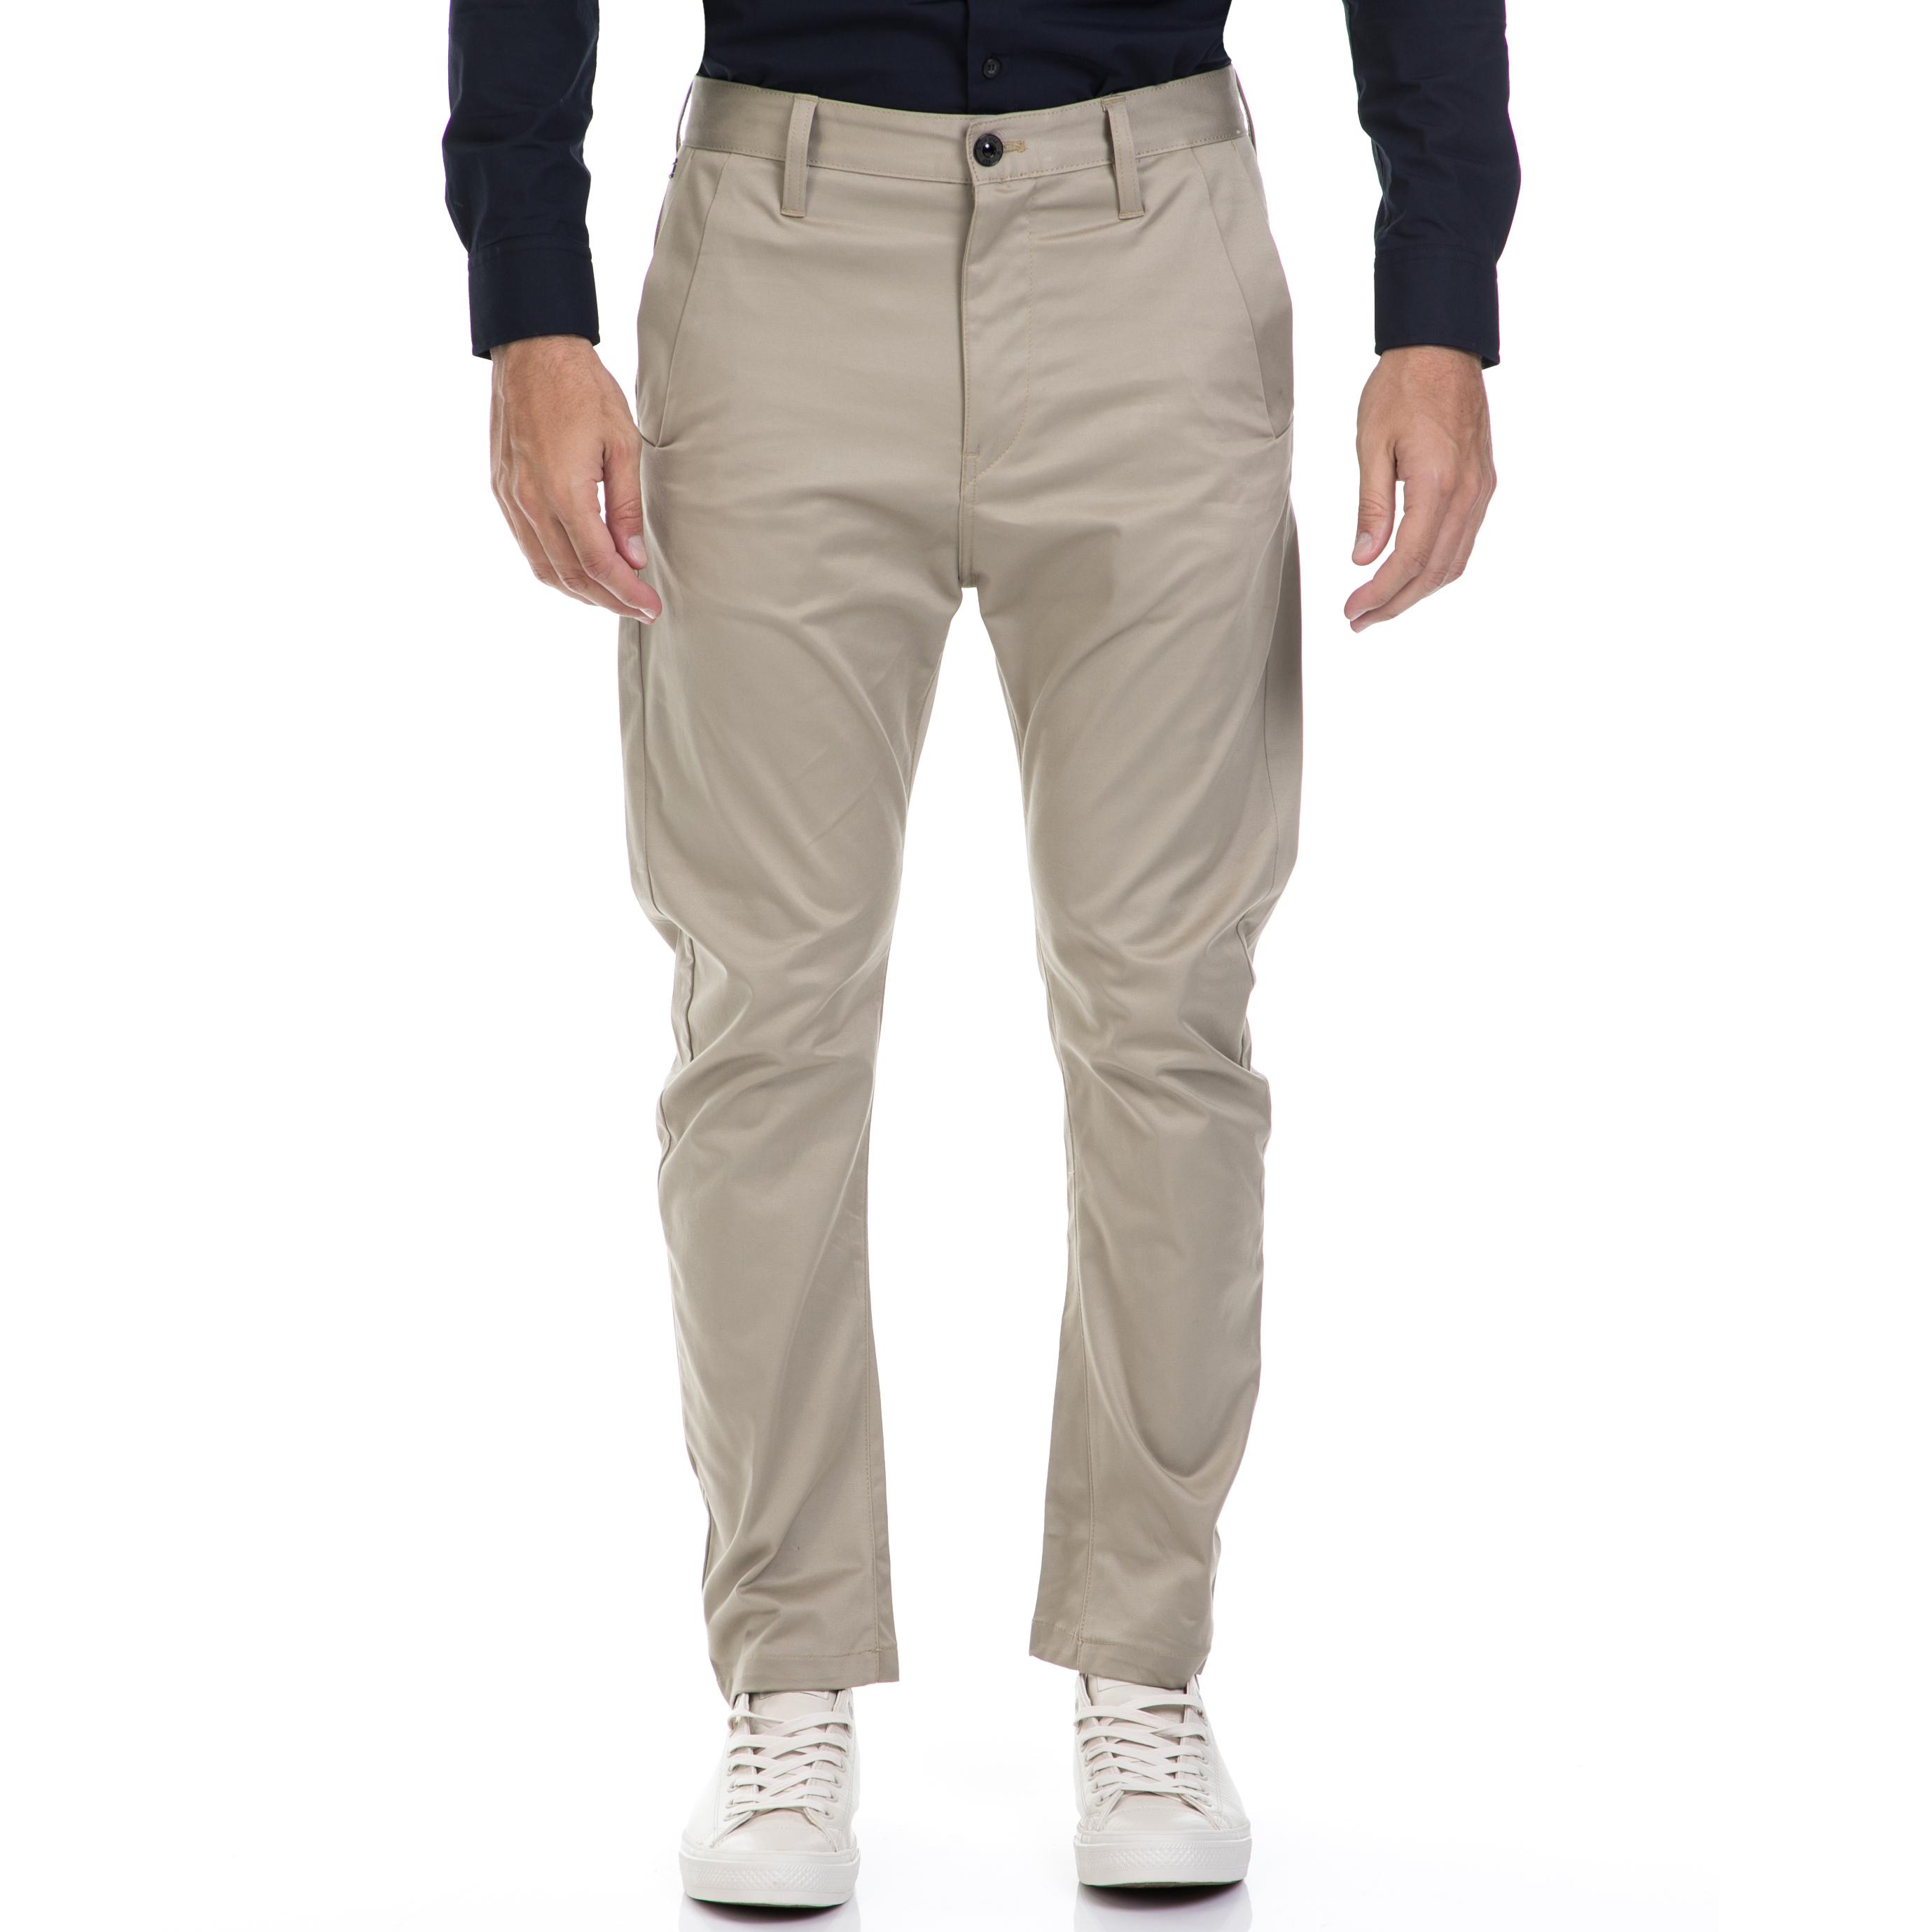 G-STAR RAW - Αντρικό παντελόνι G-STAR RAW μπεζ ανδρικά ρούχα παντελόνια chinos